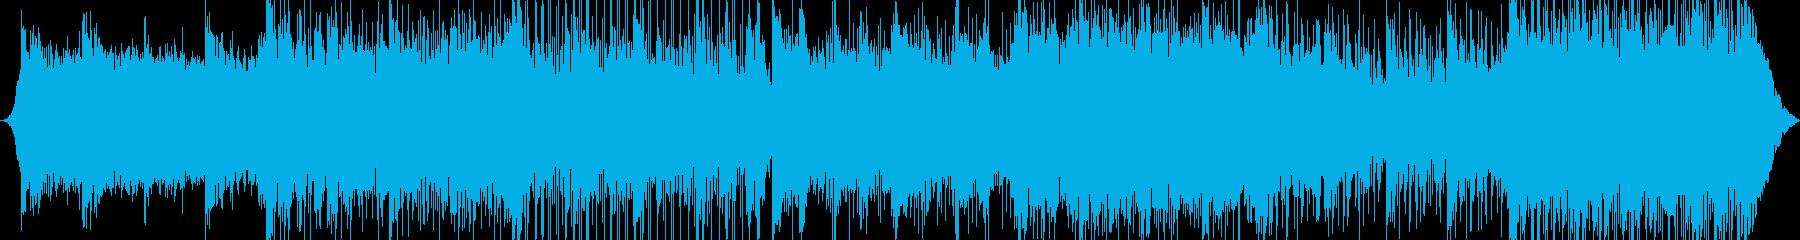 ポップ テクノ モダン 未来 テク...の再生済みの波形